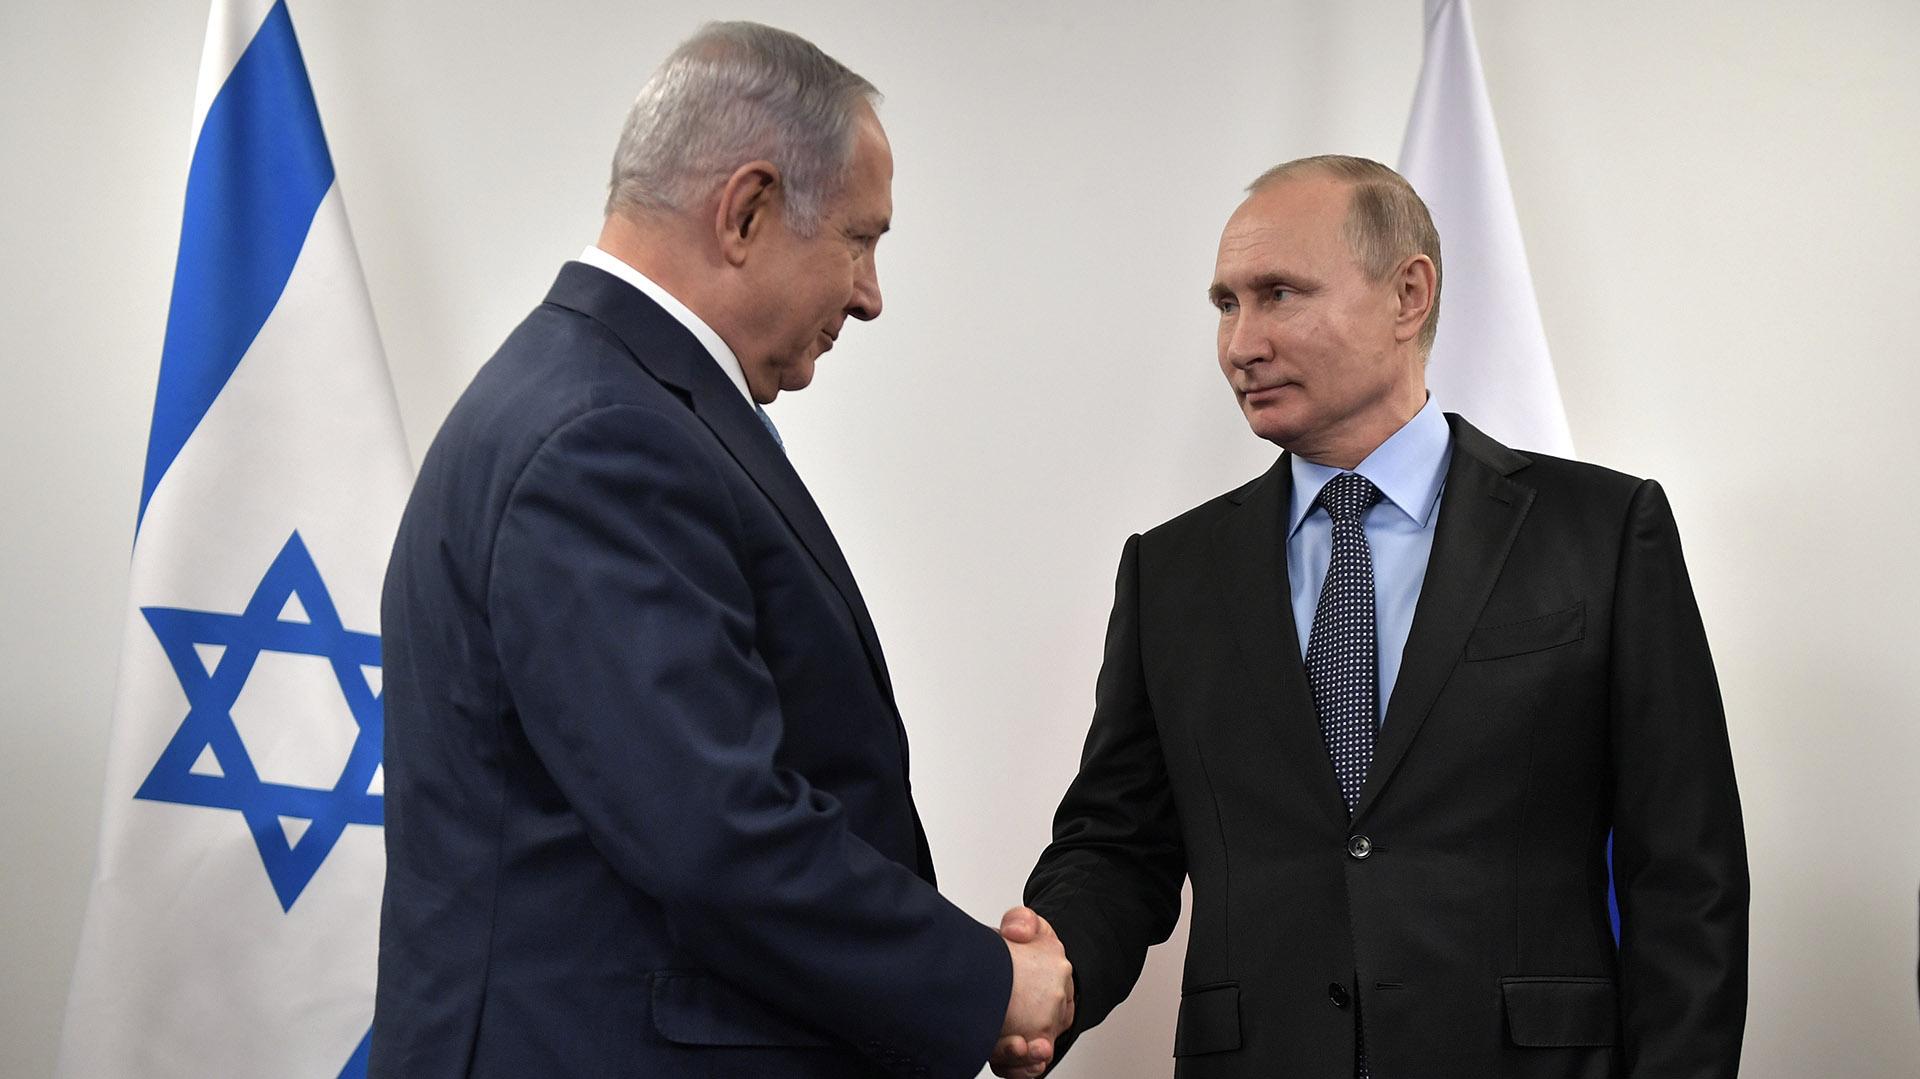 Los mandatarios se reúnen periódicamente para coordinar acciones militares en Medio Oriente (AFP)